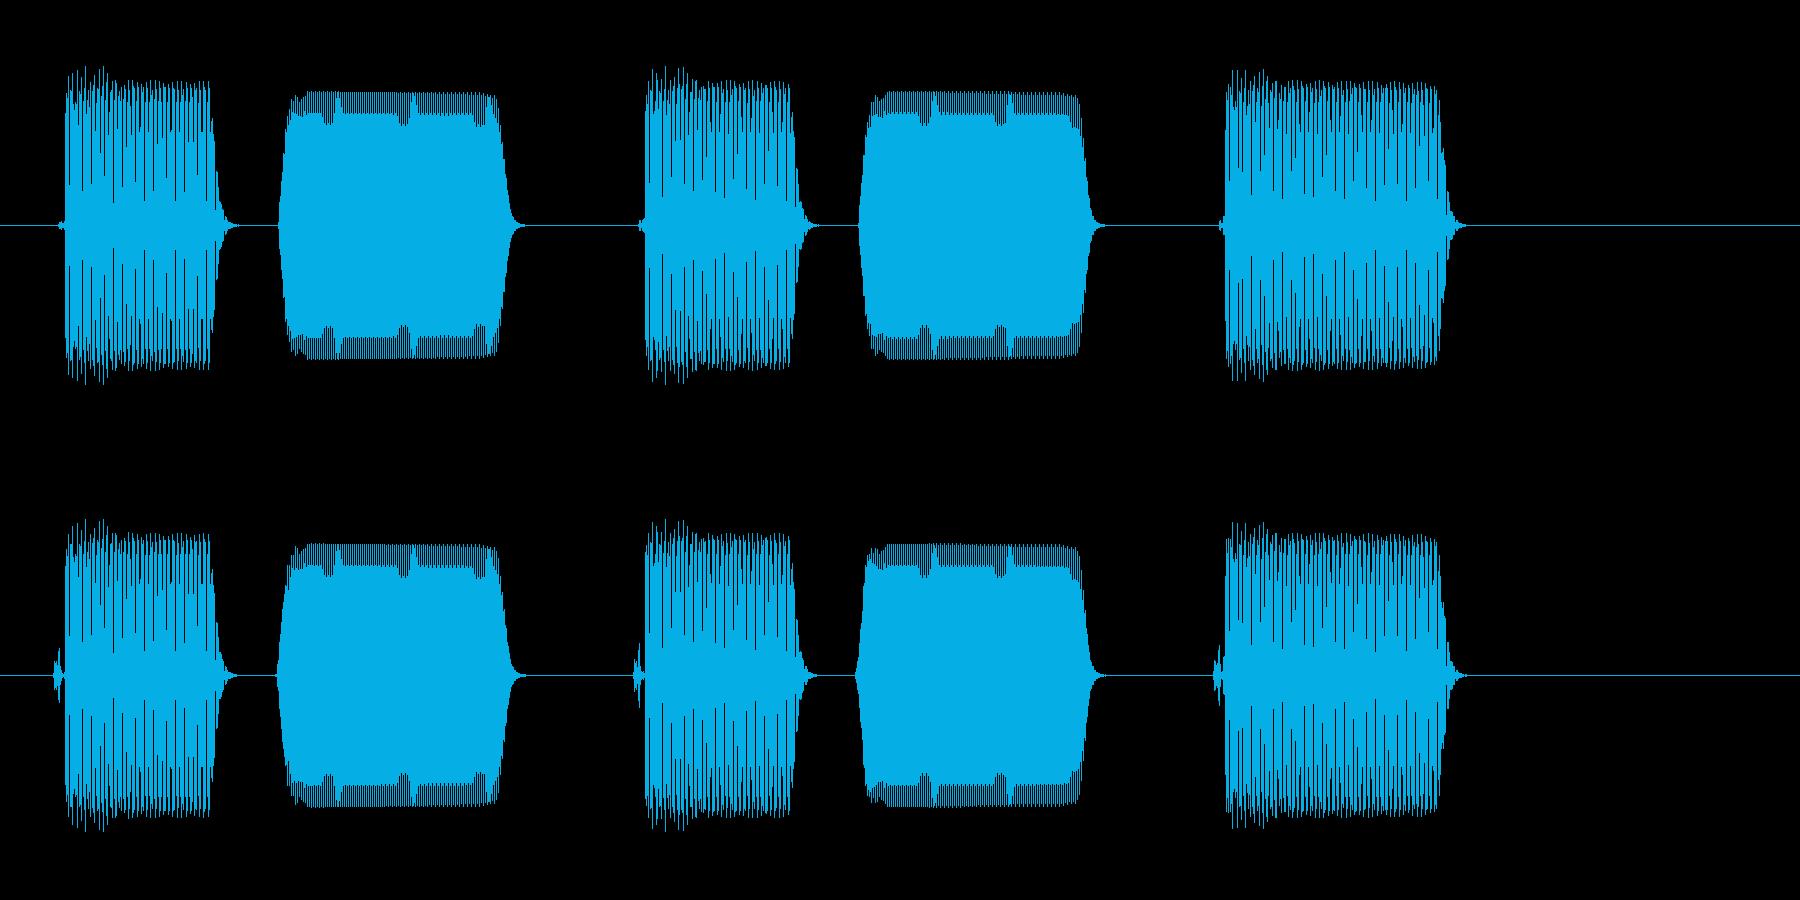 ポピポピプ(音のするスイッチで入力した)の再生済みの波形